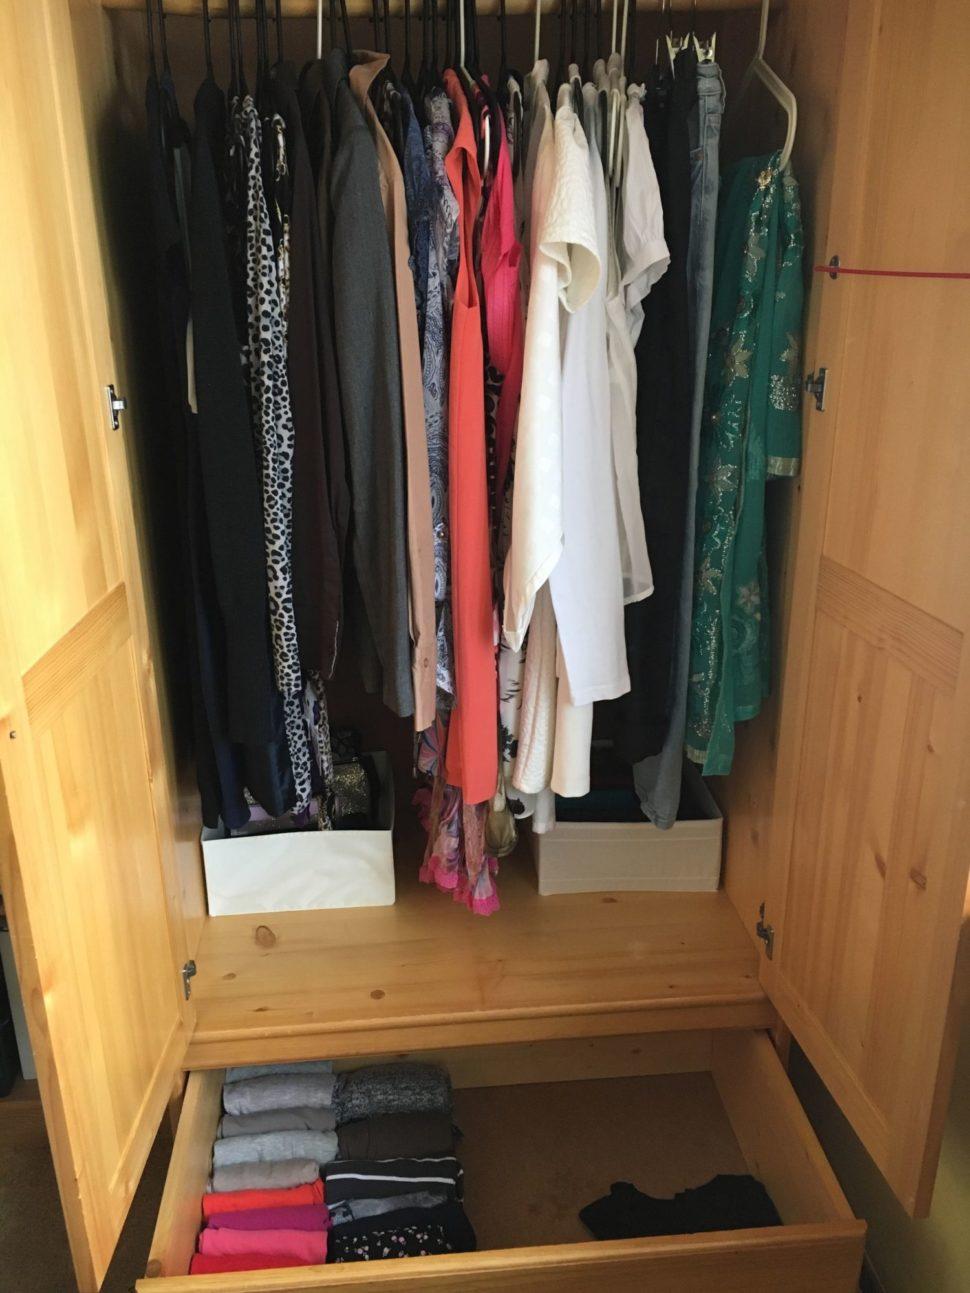 Skřín s oblečení po